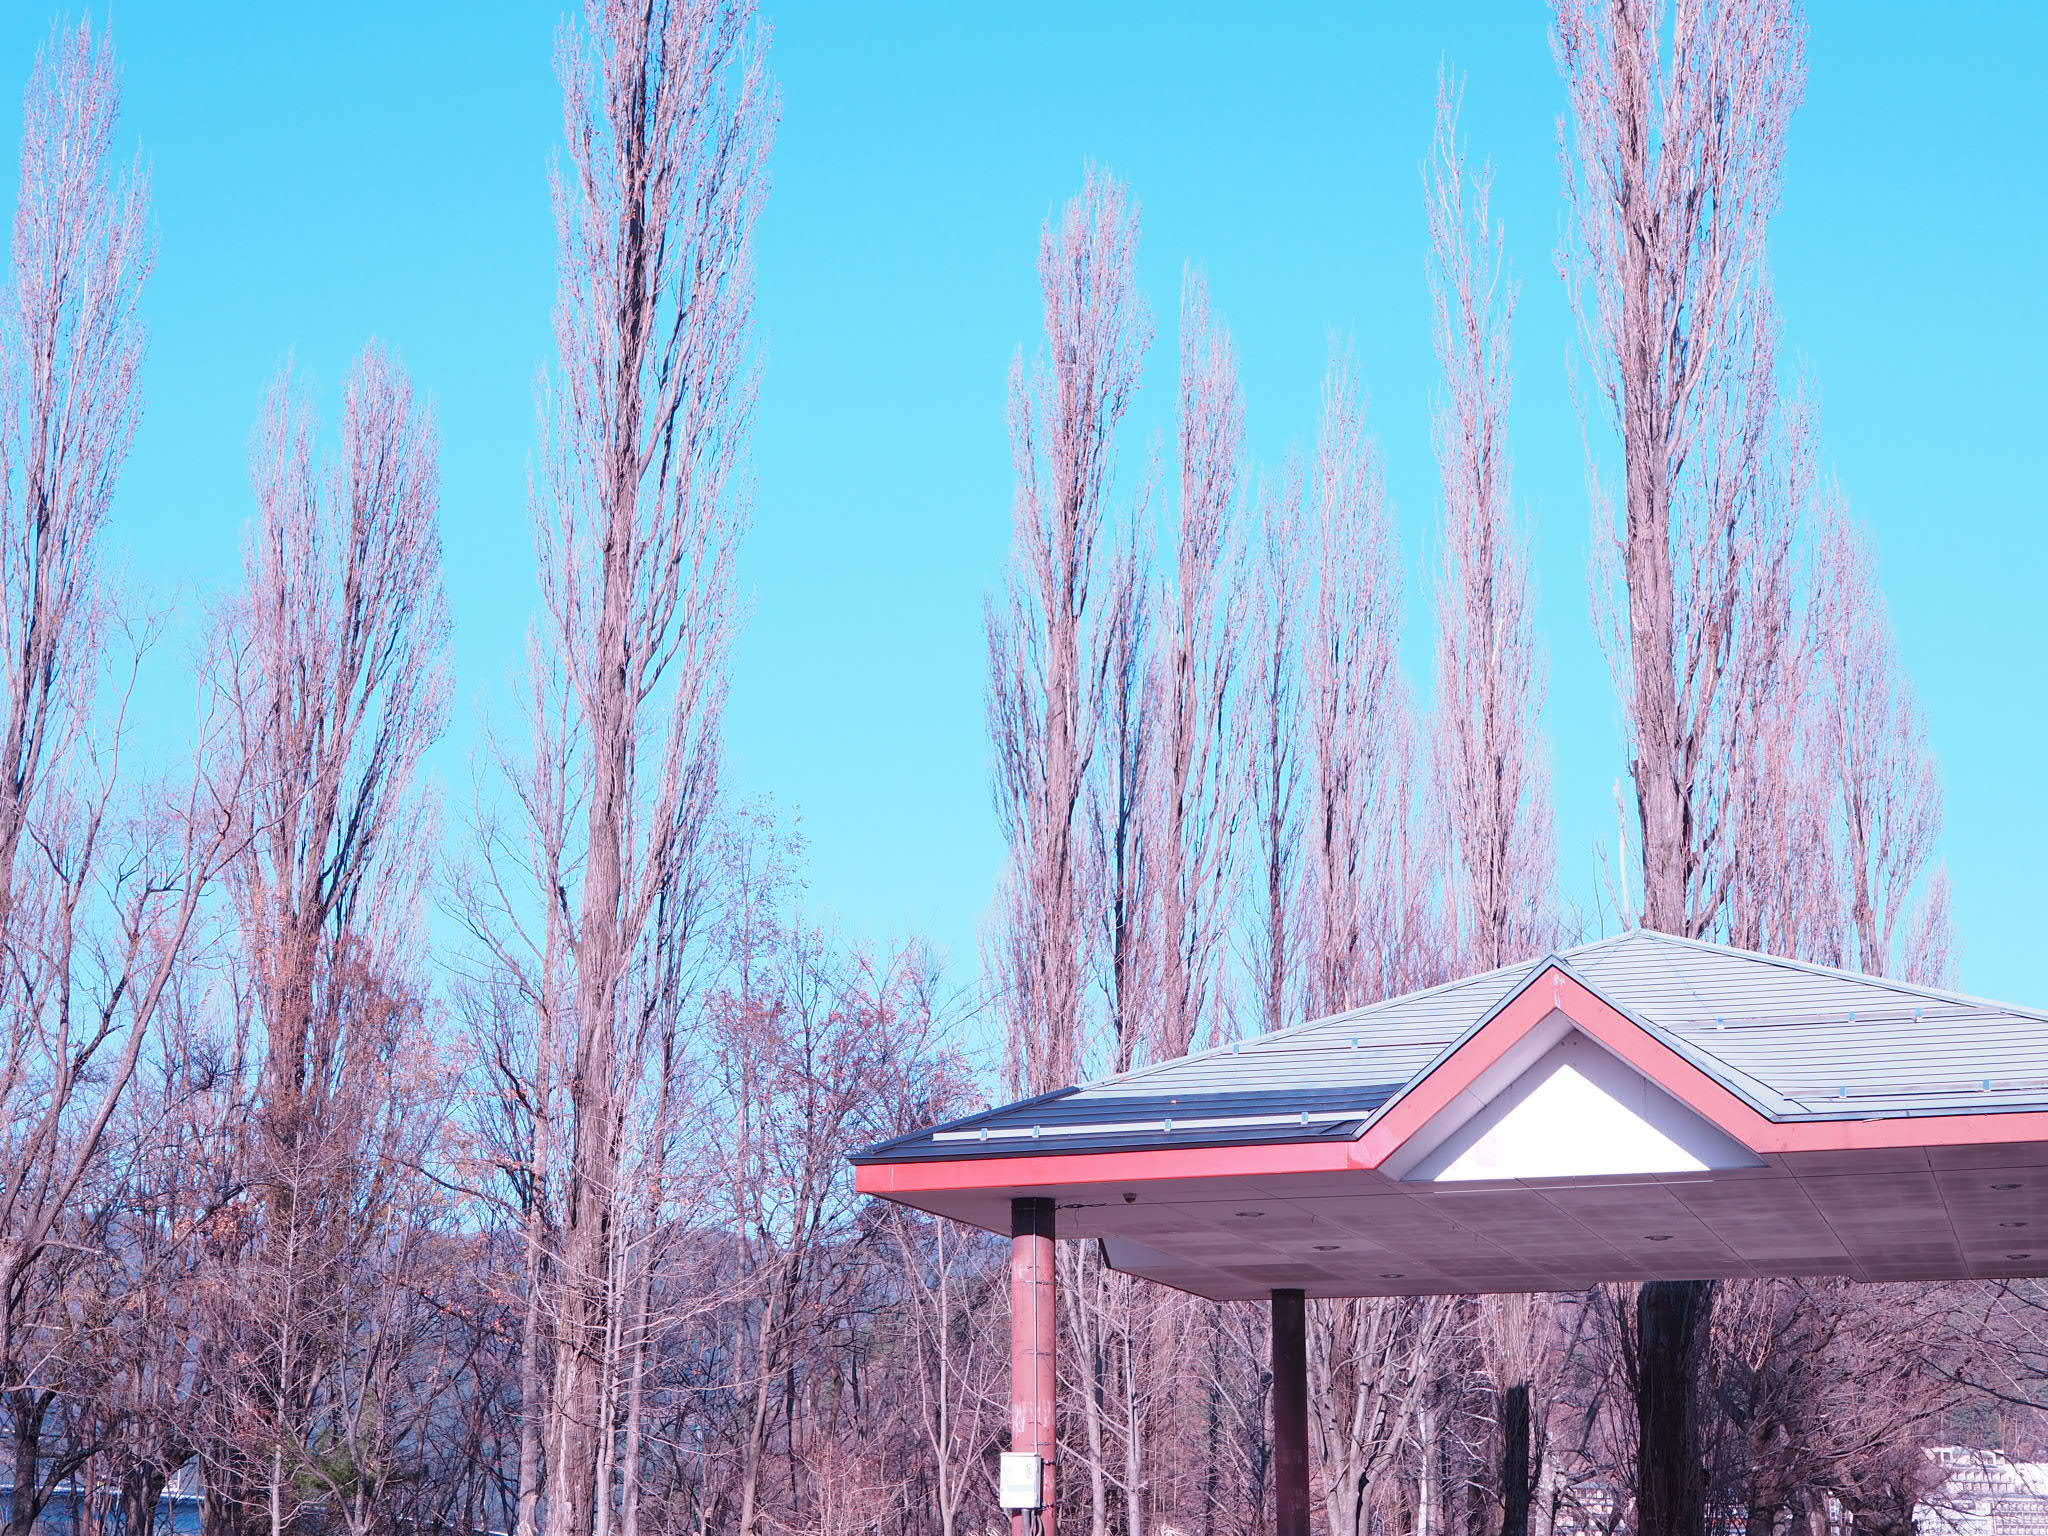 【#河口湖合宿】富士山の目の前のペンションでわいわい一泊旅♩〜グルメ・観光編〜_16